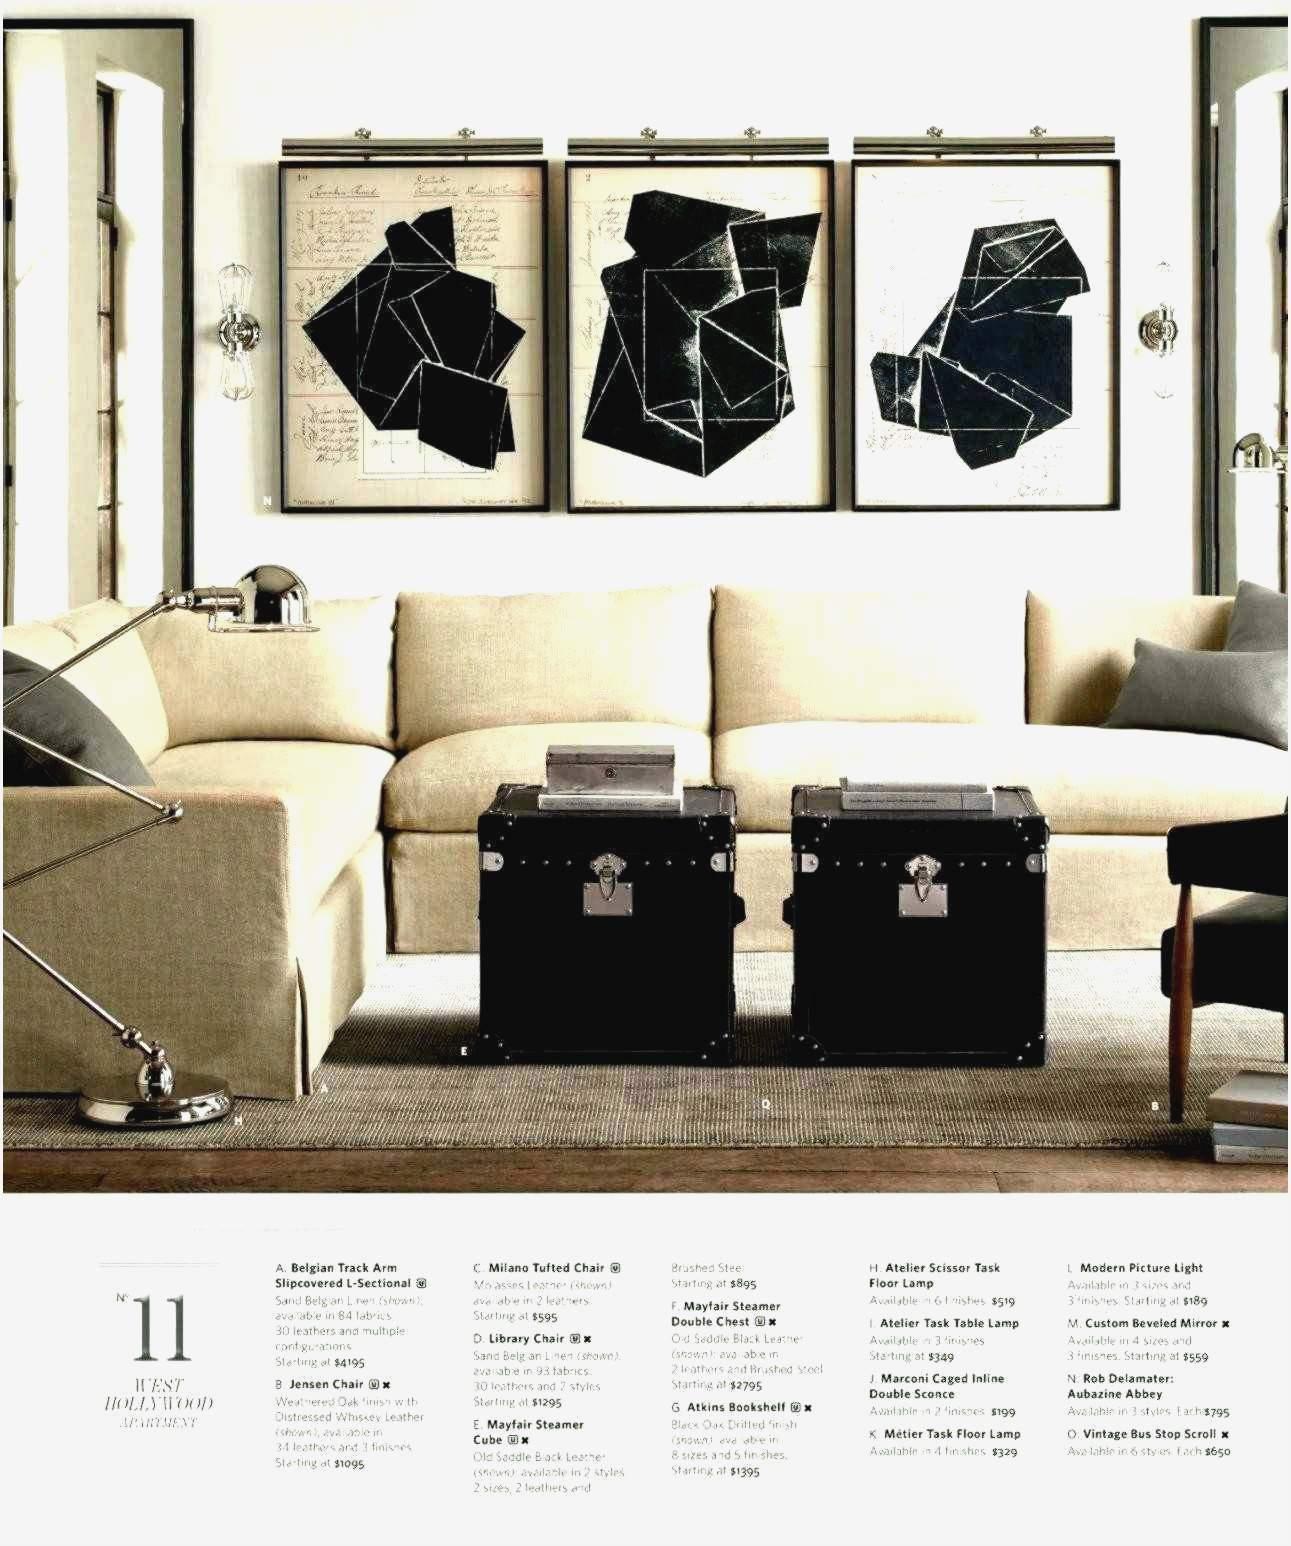 Full Size of Stehlampe Modern Moderne Esstische Stehlampen Wohnzimmer Bilder Modernes Bett 180x200 Deckenlampen Küche Holz Deckenleuchte Schlafzimmer Weiss Fürs Wohnzimmer Stehlampe Modern